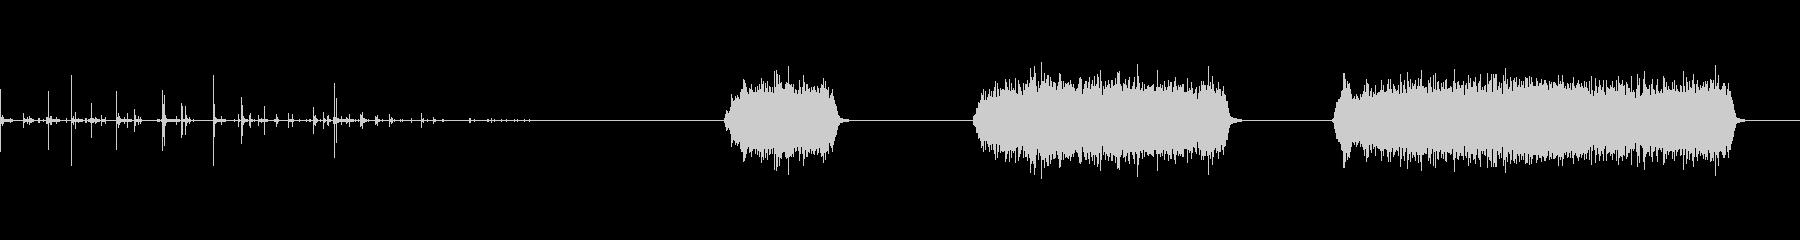 缶スプレーを振って塗装する音の未再生の波形